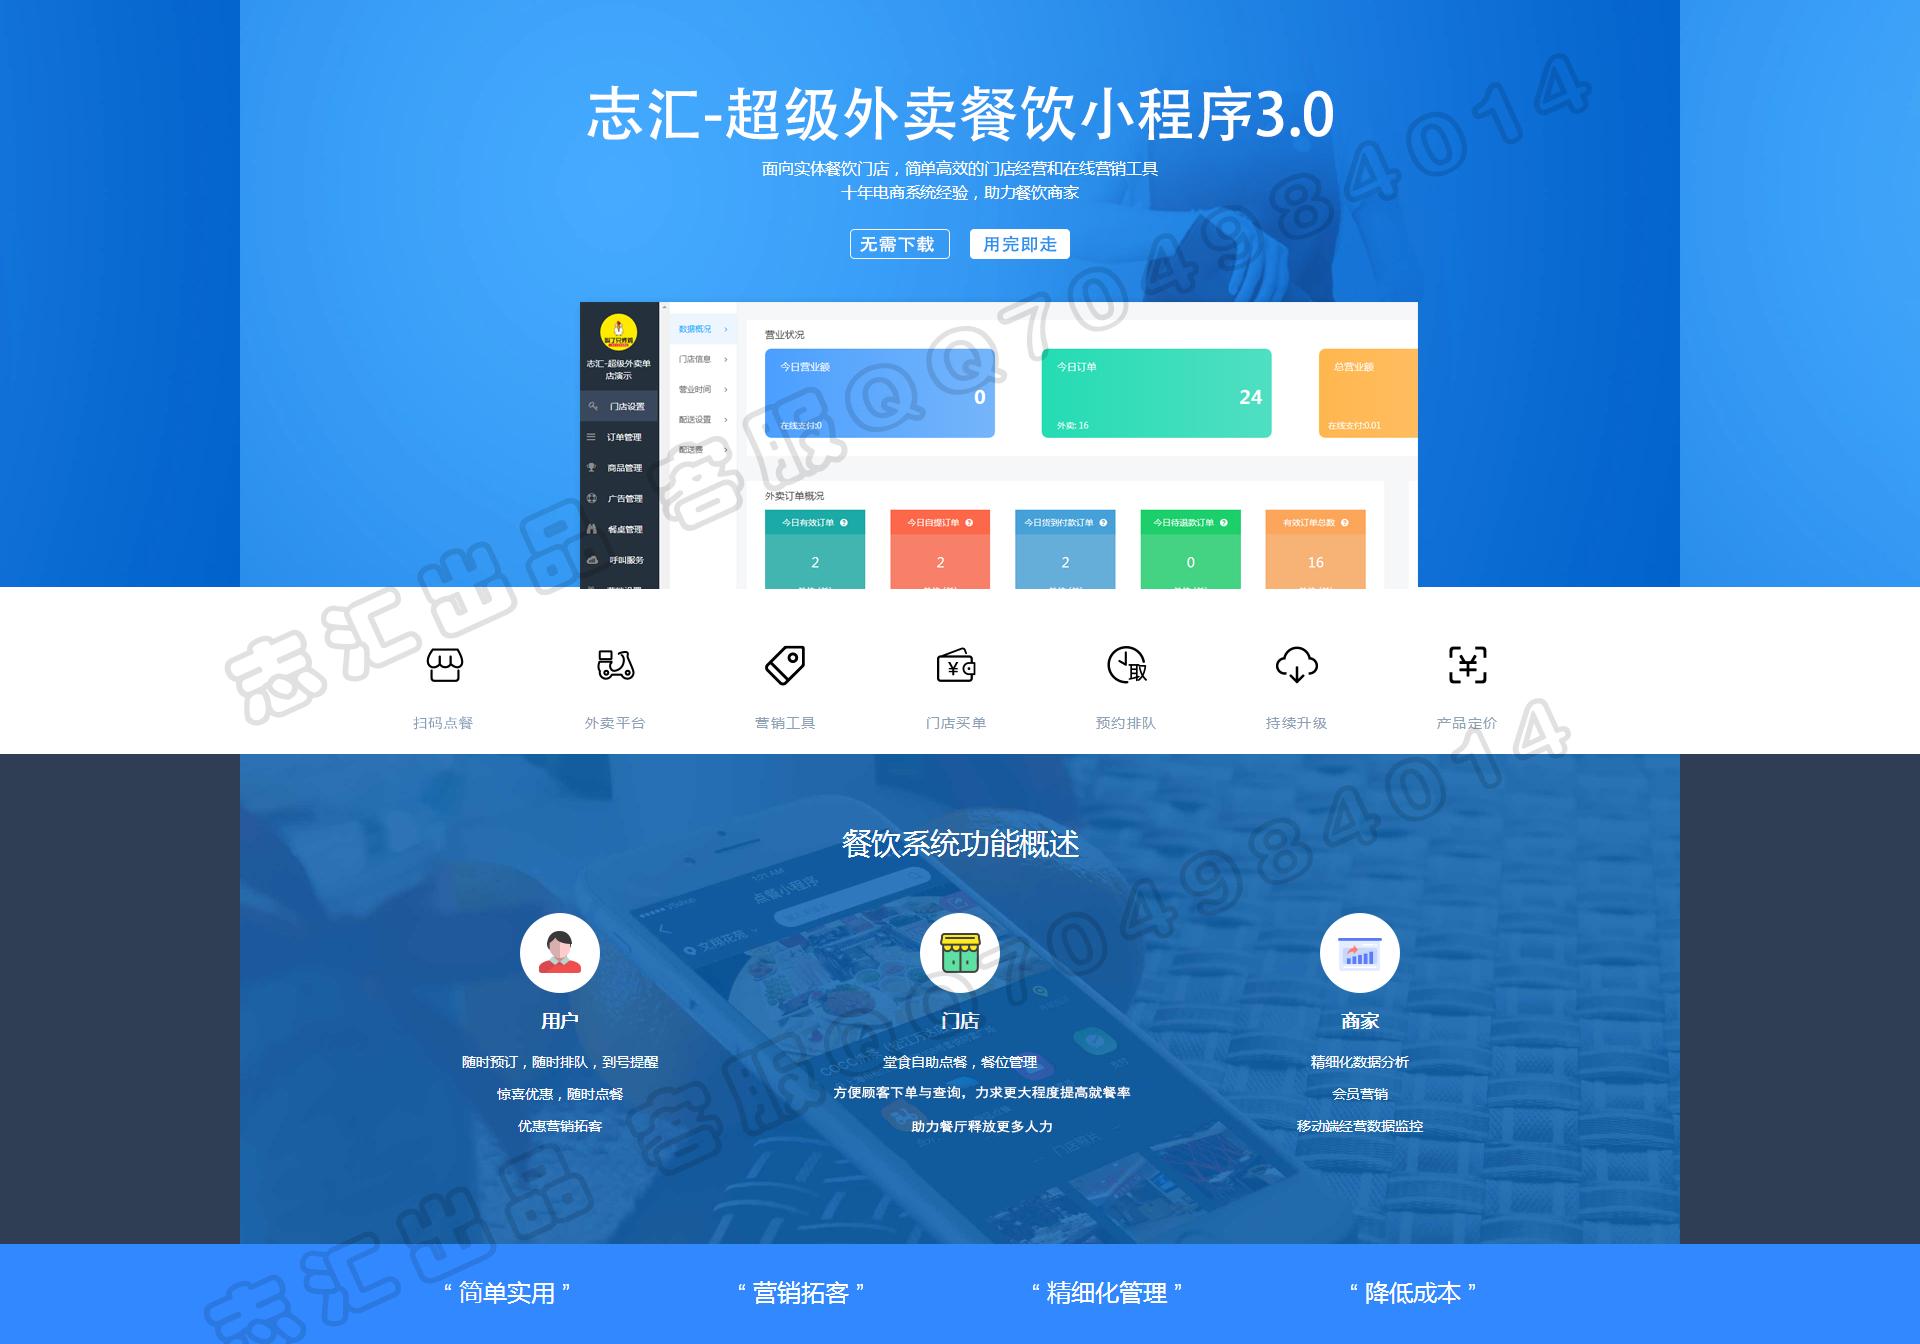 wq模块叮咚-餐饮外卖小程序9.5.0开源多店版-渔枫源码分享网